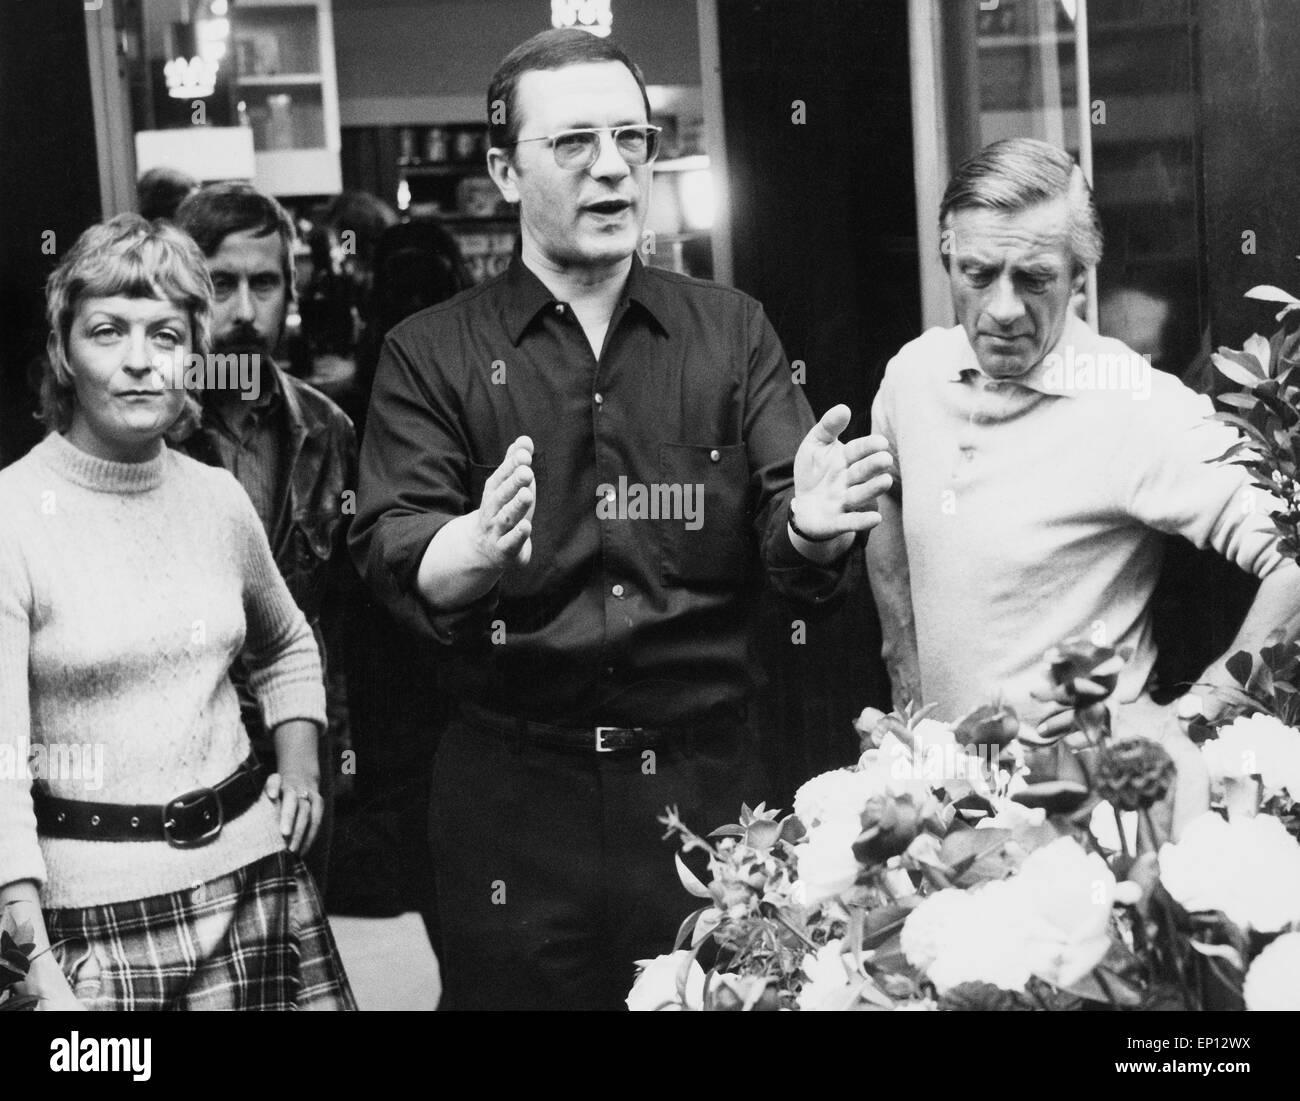 Industrielandschaft mit Einzelhändlern, Fernsehfilm, Fernsehspiel, Deutschland 1970, Regie: Egon Monk erläutert - Stock Image